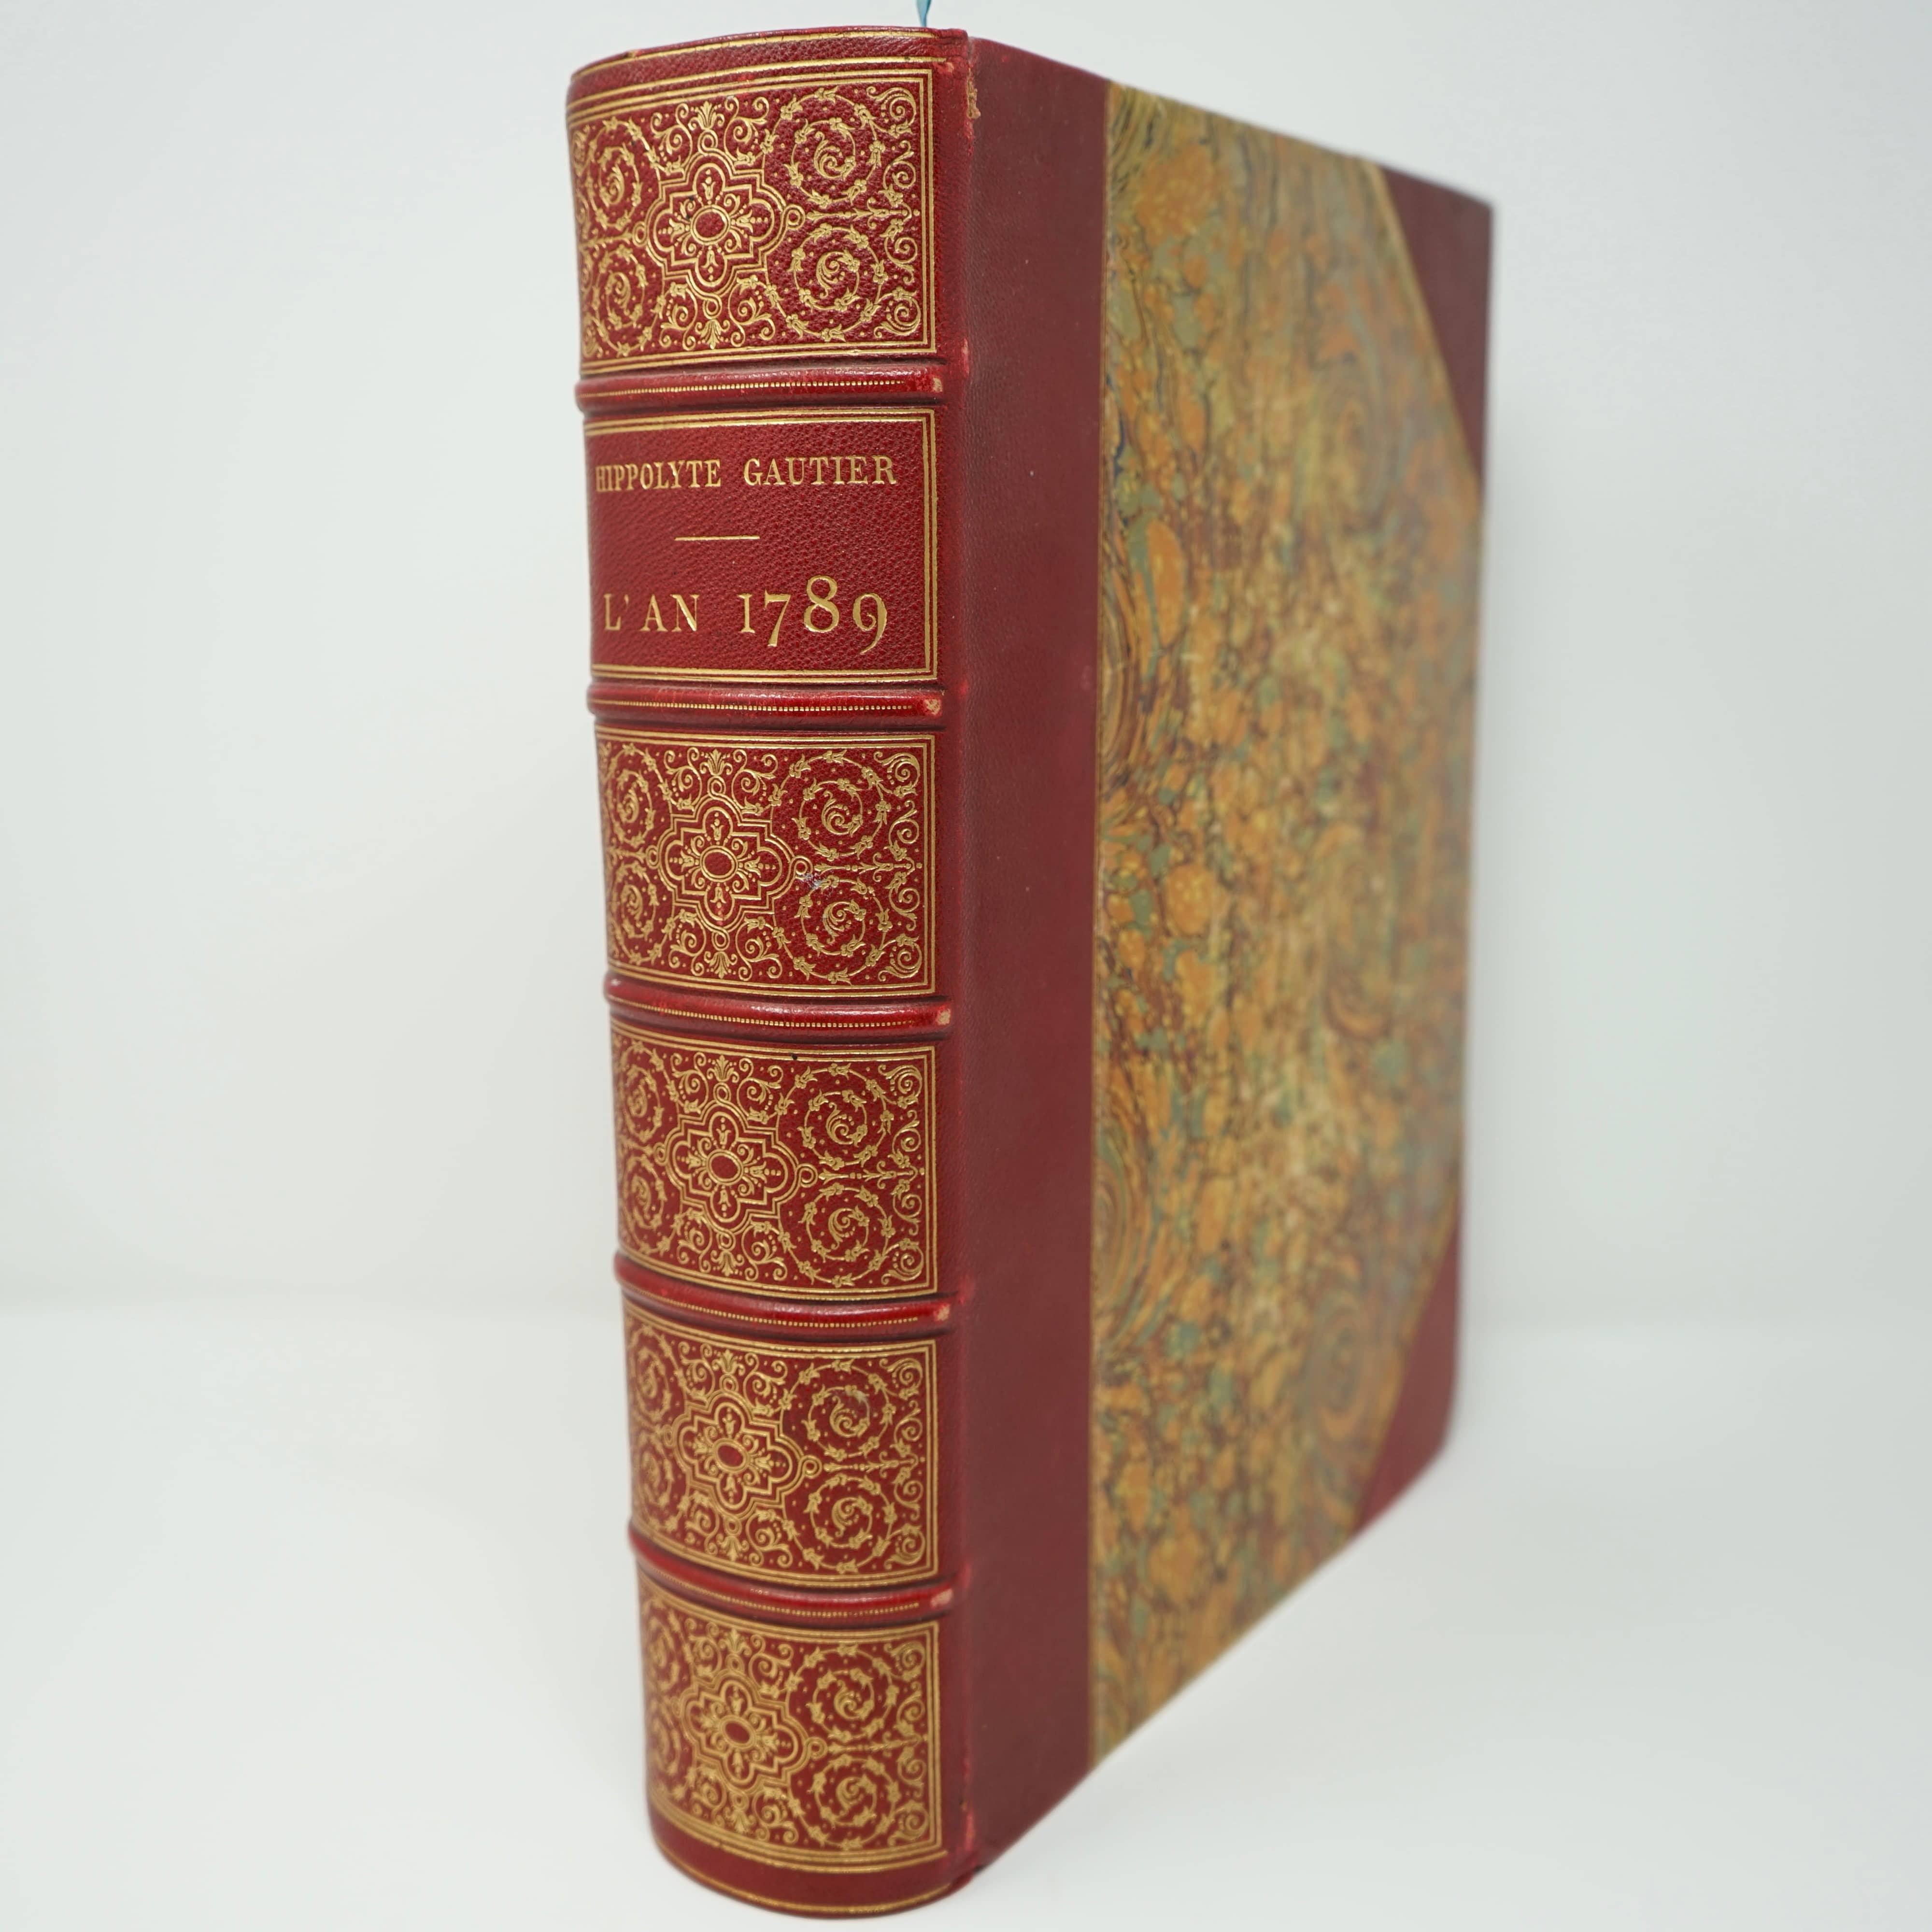 Livre L'An 1789 de Hippolyte Gautier